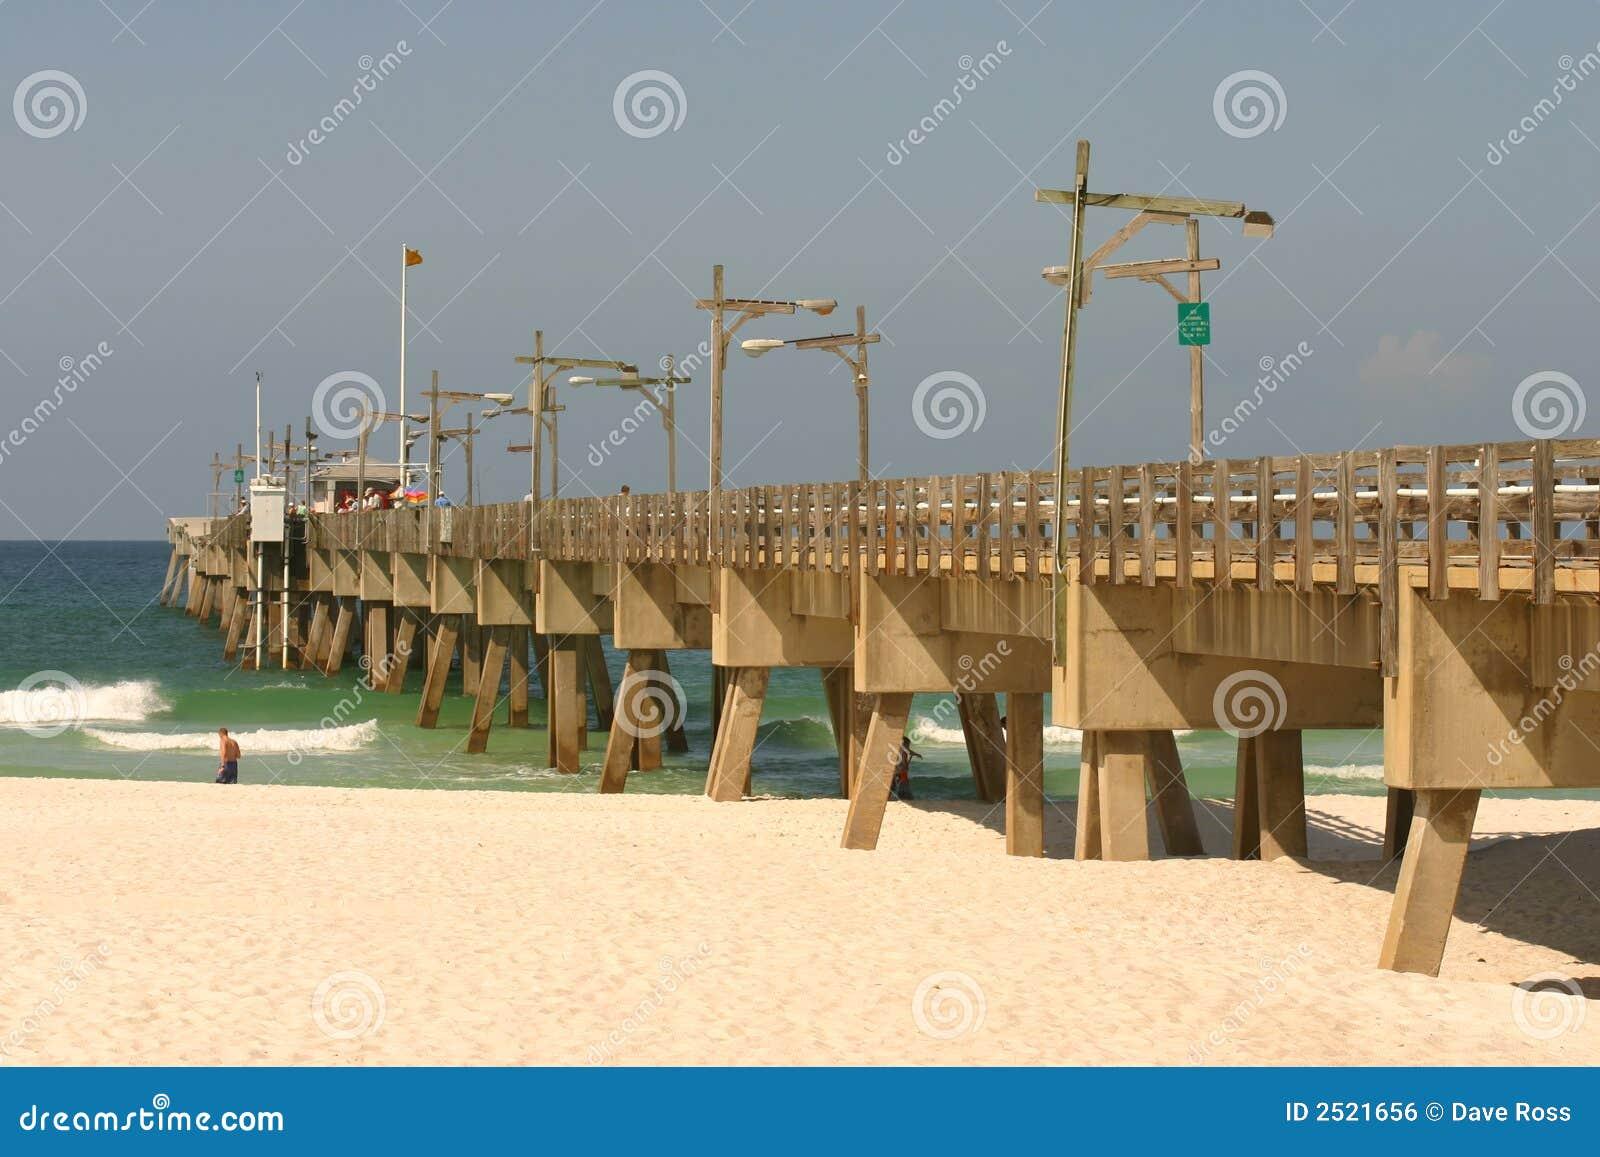 Panama city beach pier stock photo image of vacation for Panama city beach fishing pier